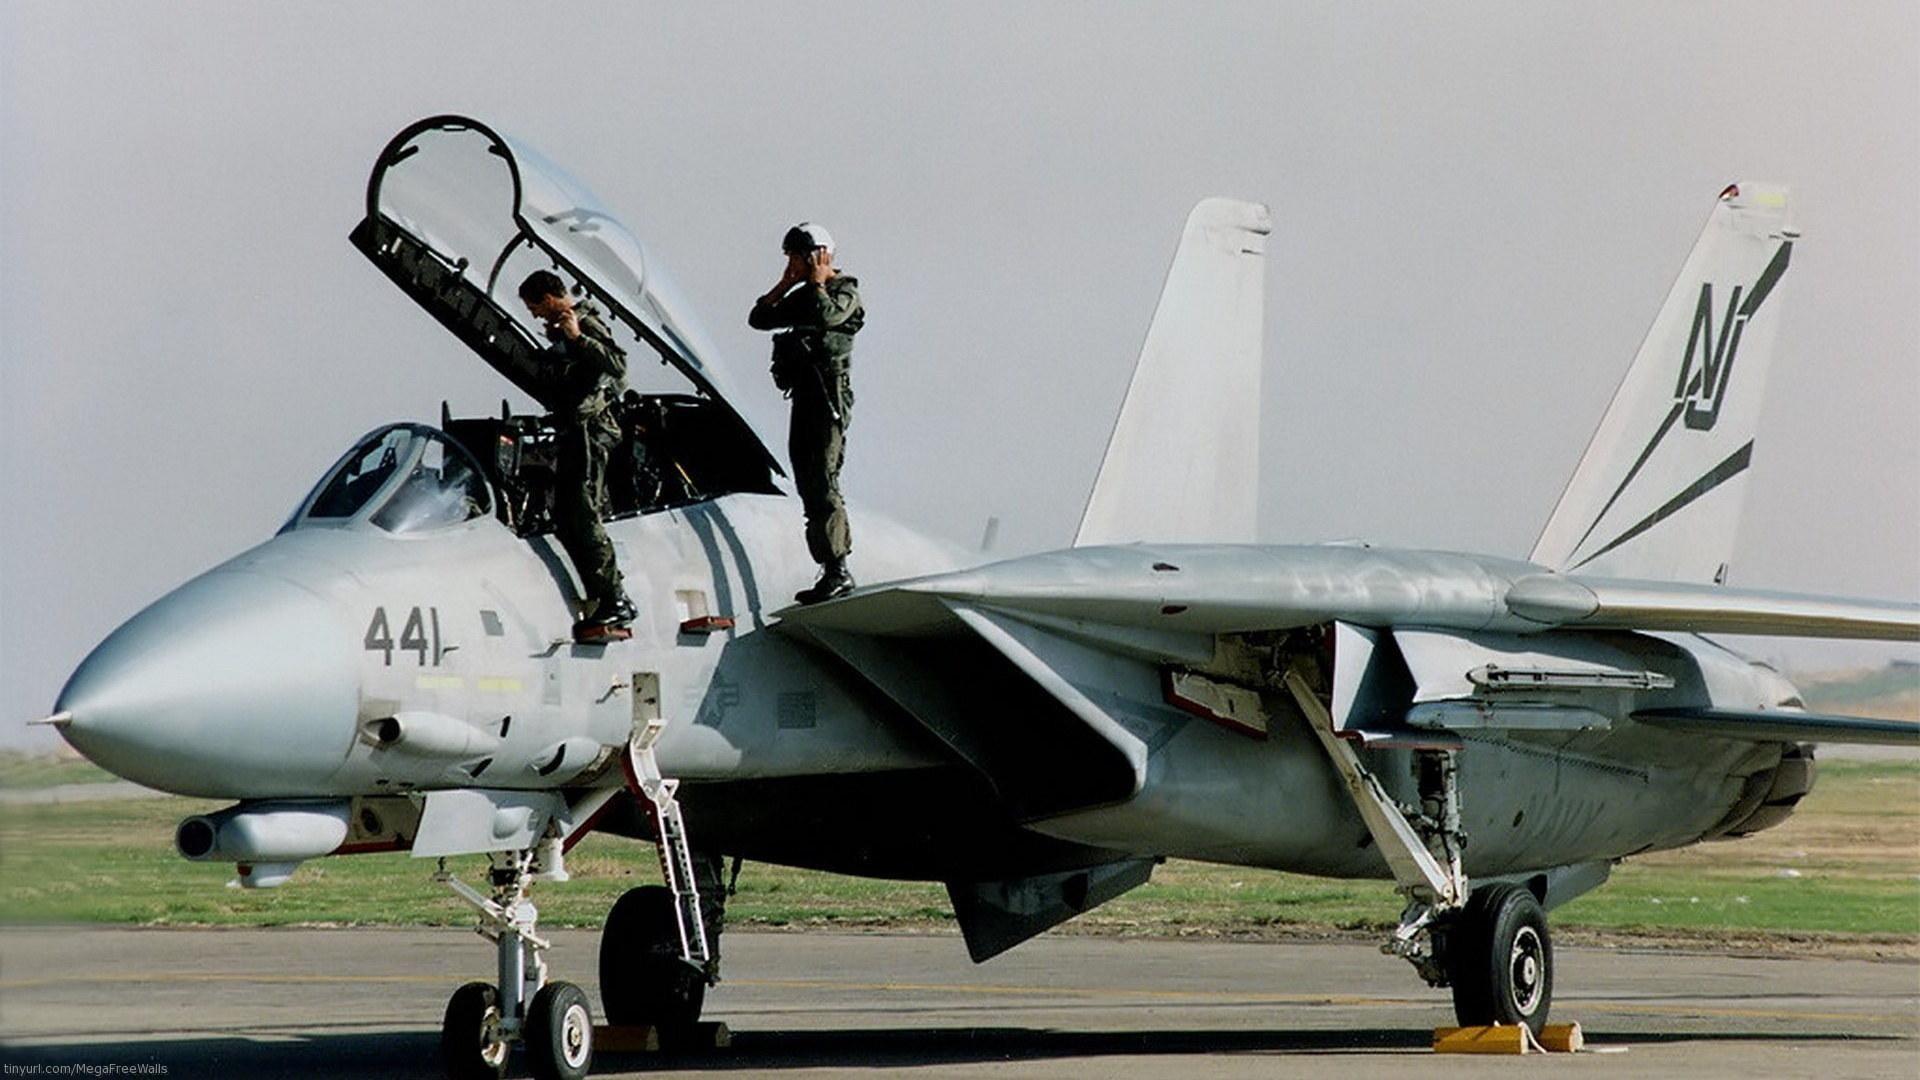 Grumman F-14 Tomcat wallpapers hd